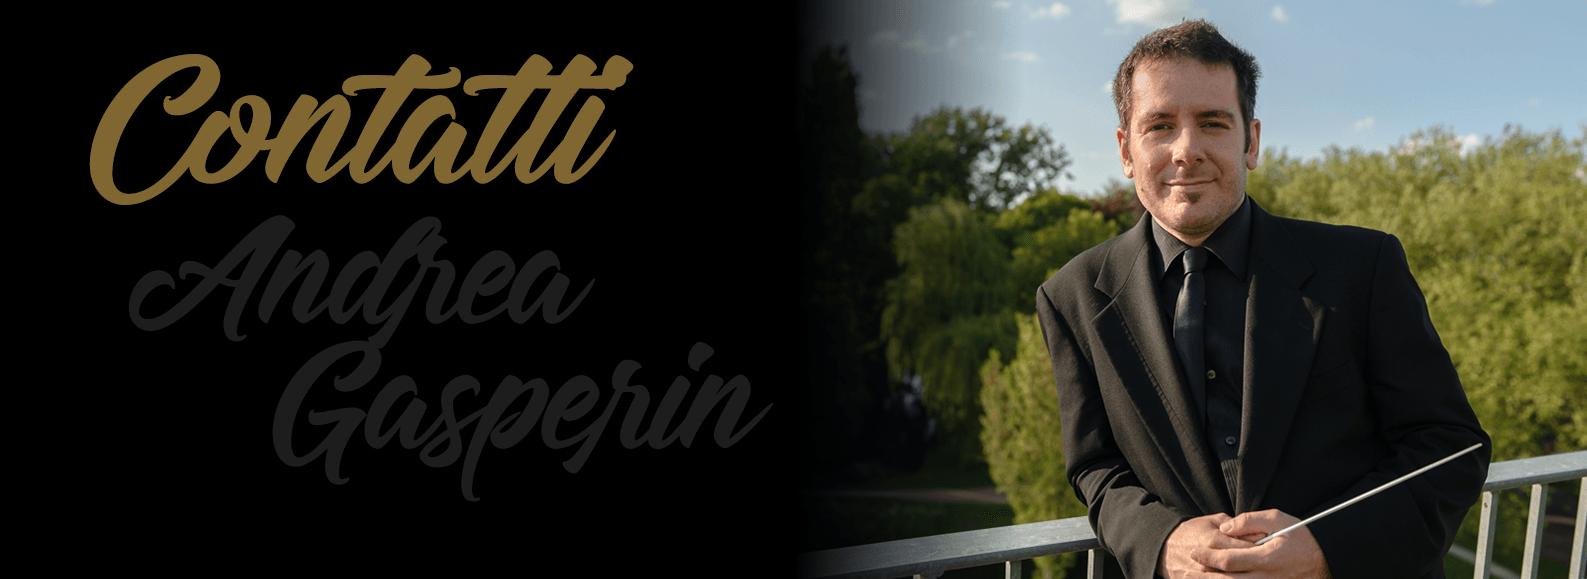 Andrea Gasperin - Contatti